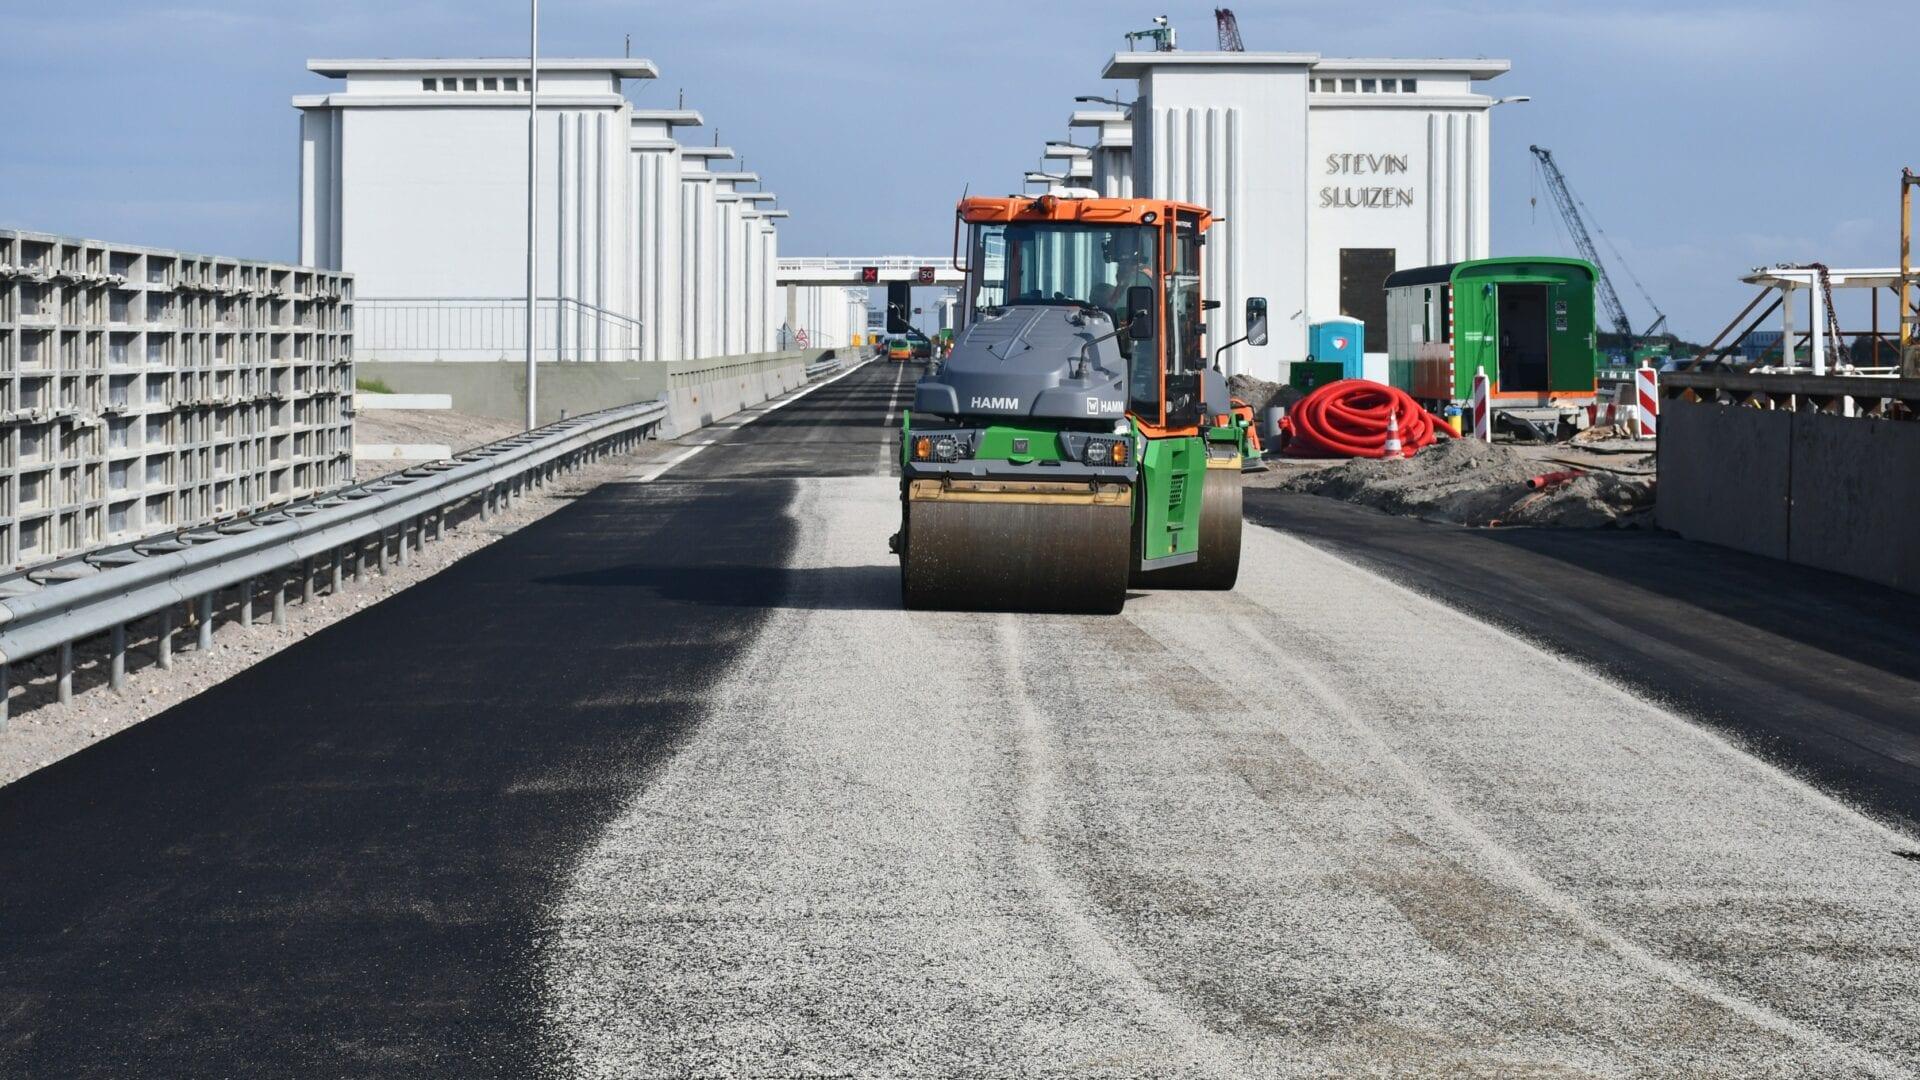 Op de foto zien we de weg van de Afsluitdijk. Op de weg zie je een asfaltwagen.